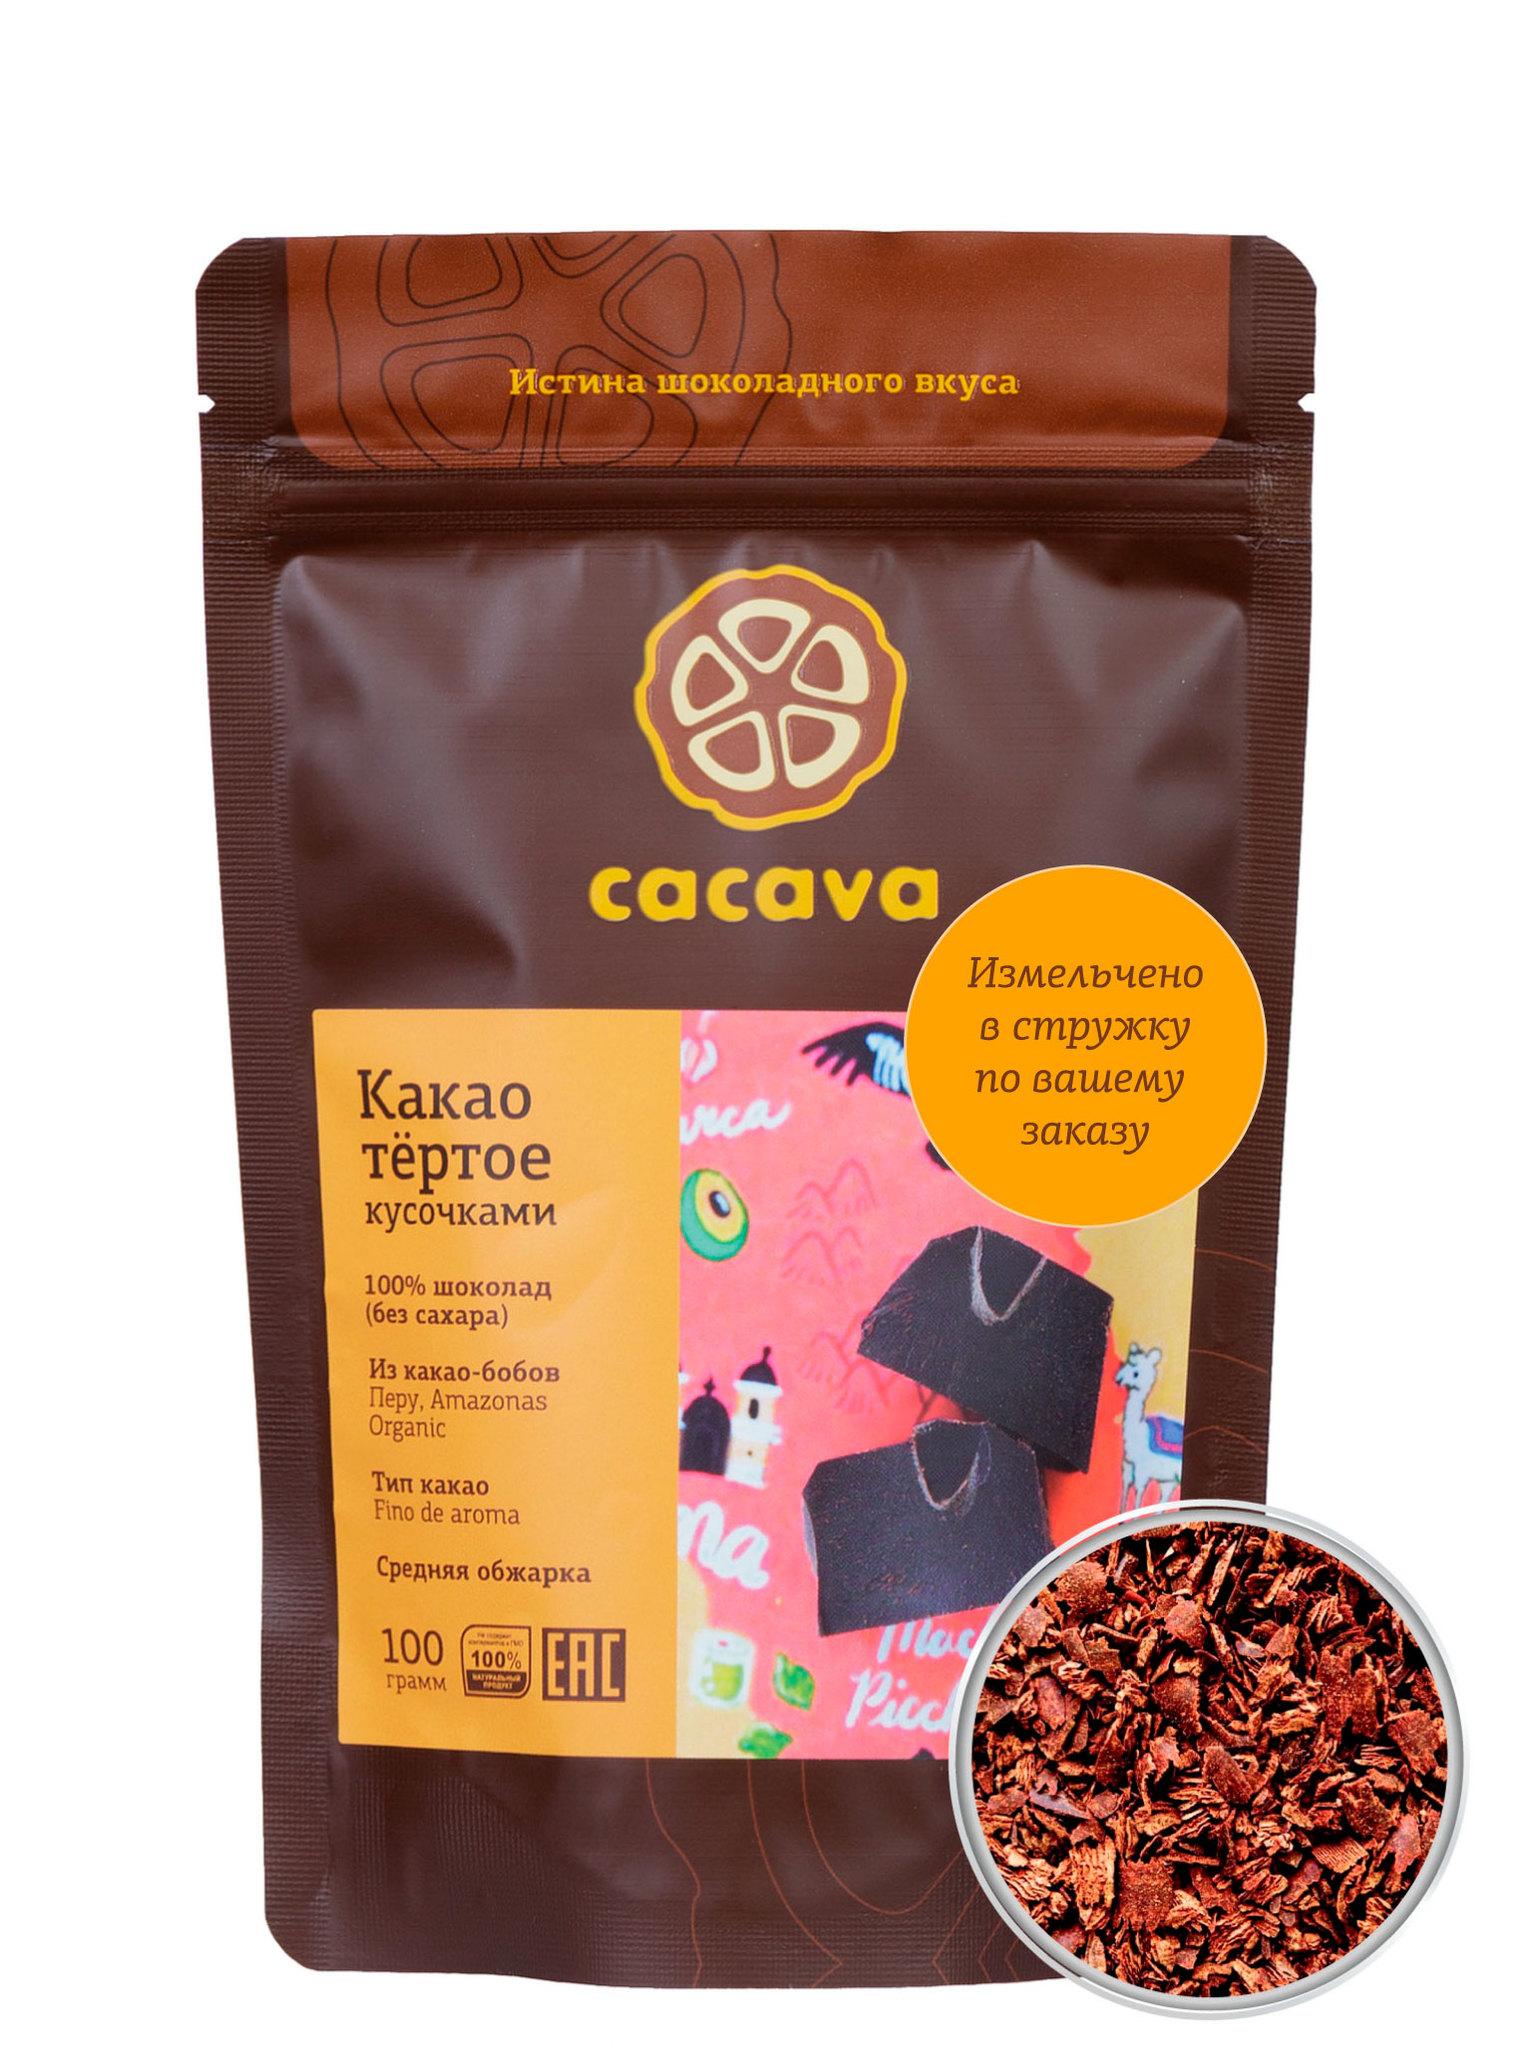 Какао тёртое в стружке (Перу, Amazonas), упаковка 100 грамм